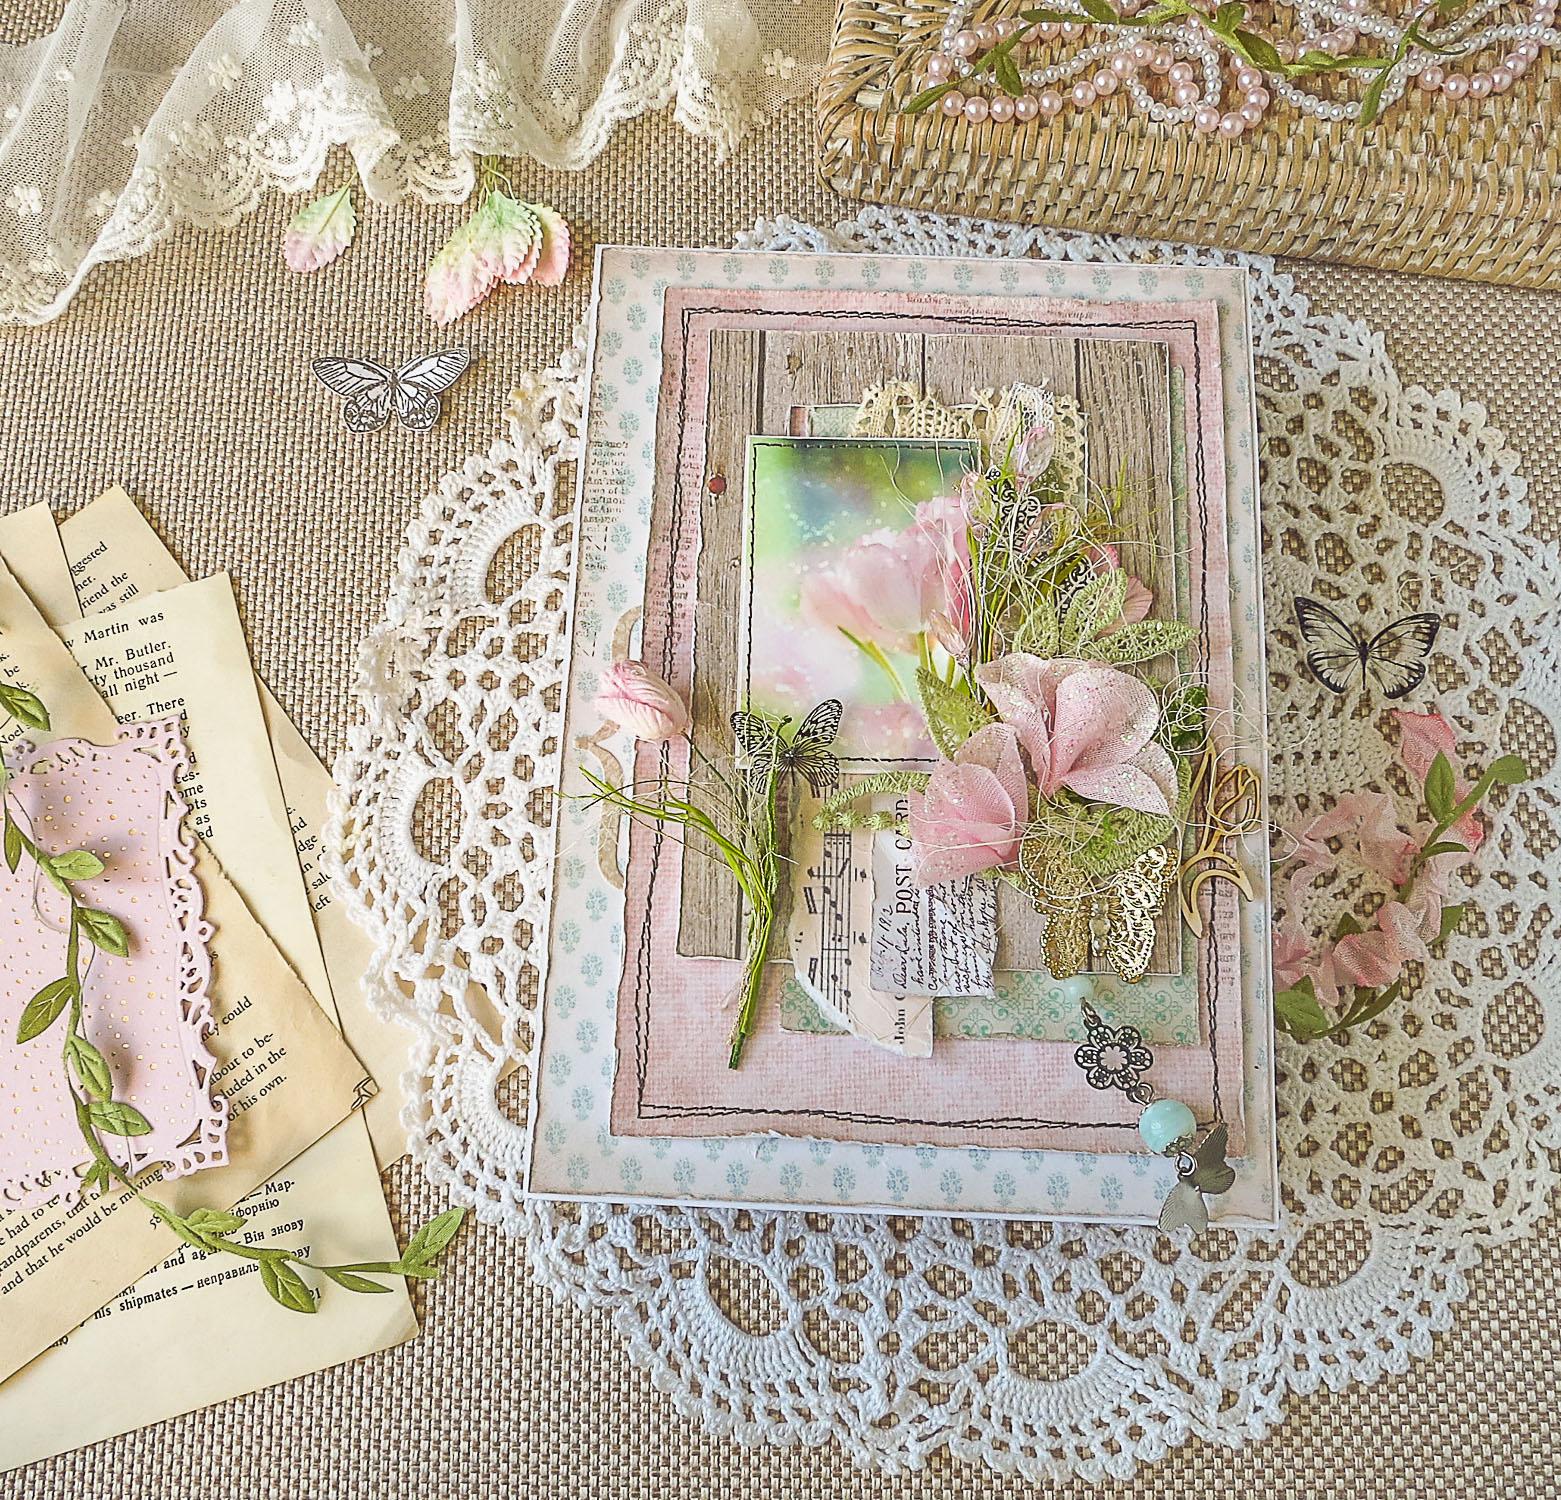 Шкатулка, тюльпаны, скрапбукинг шкатулка, шкатулка для мелочей, шкатулка с ящичками, цветы ручной работы, цветы из ткани, бабочки, весна, весенний подарок, скринька з шухлядками, скринька в подарунок, scrpbooking box, box with drawers, tulips